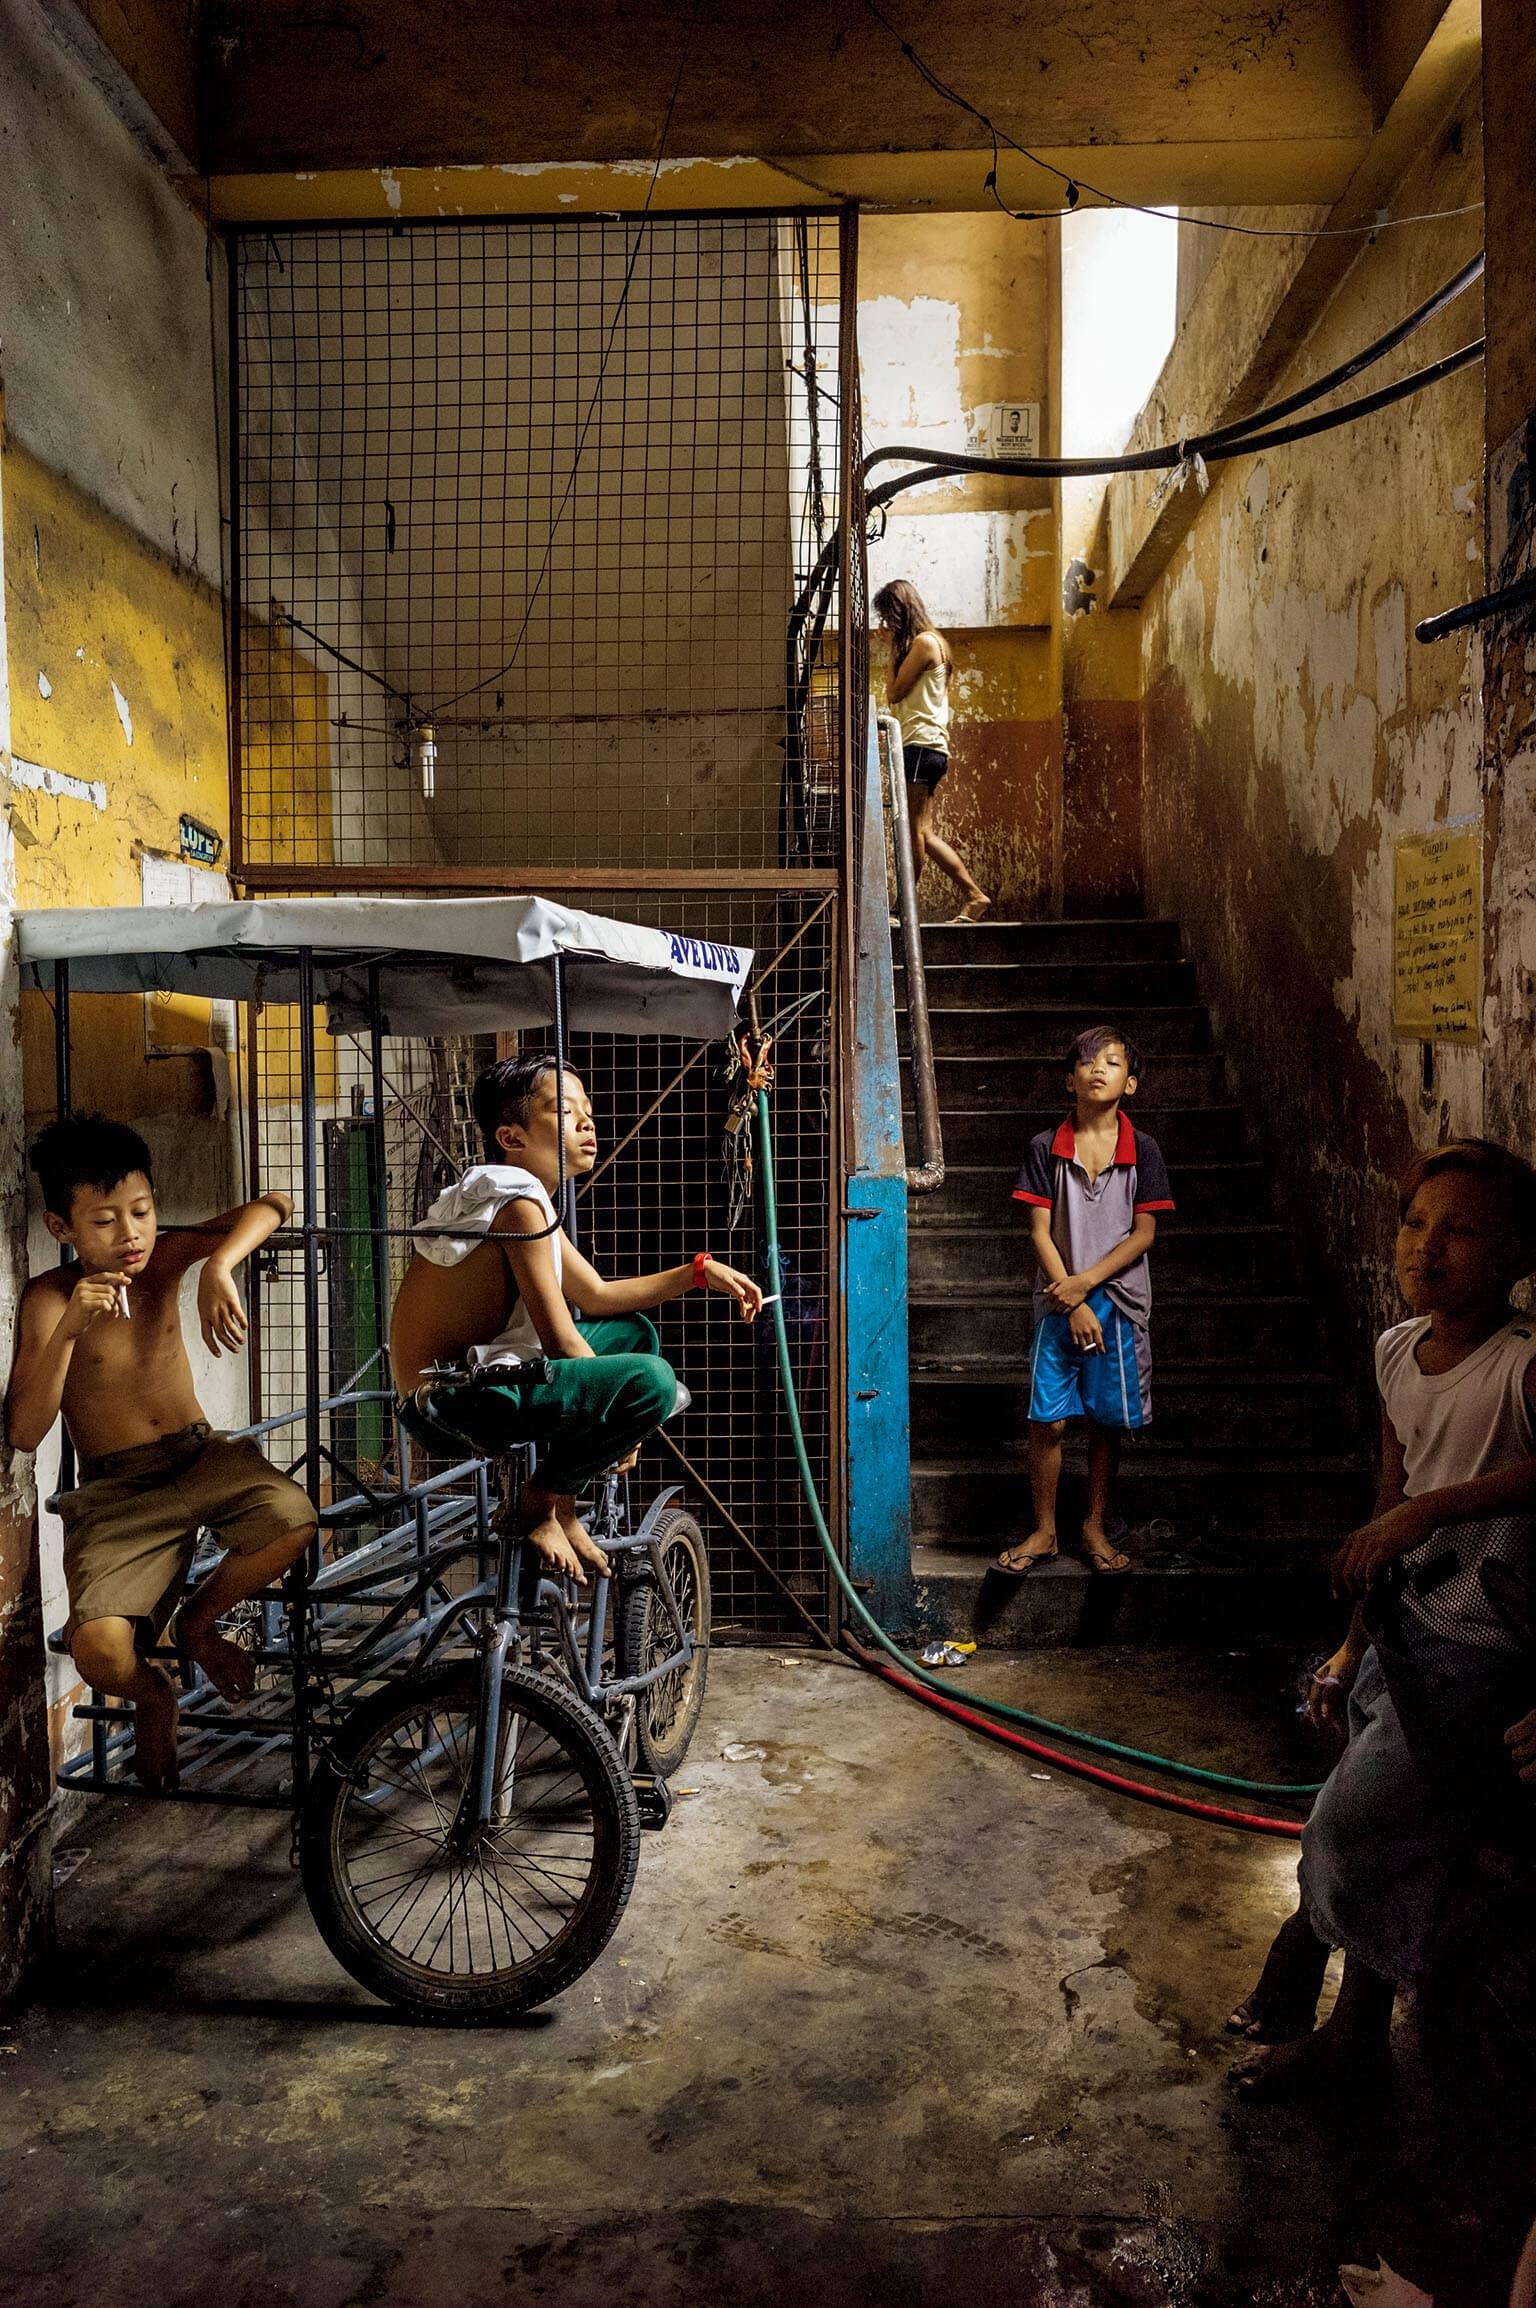 男孩坐在一輛由腳踏車改造的人力車上,悠哉地吞雲吐霧。菲律賓籍的歷史學家貝納蒂塔.丘吉爾說,在菲律賓很少見到那麼年輕的孩子抽菸。 攝影: 馬利午許. 雅尼謝夫斯基 Mariusz  Janiszewski